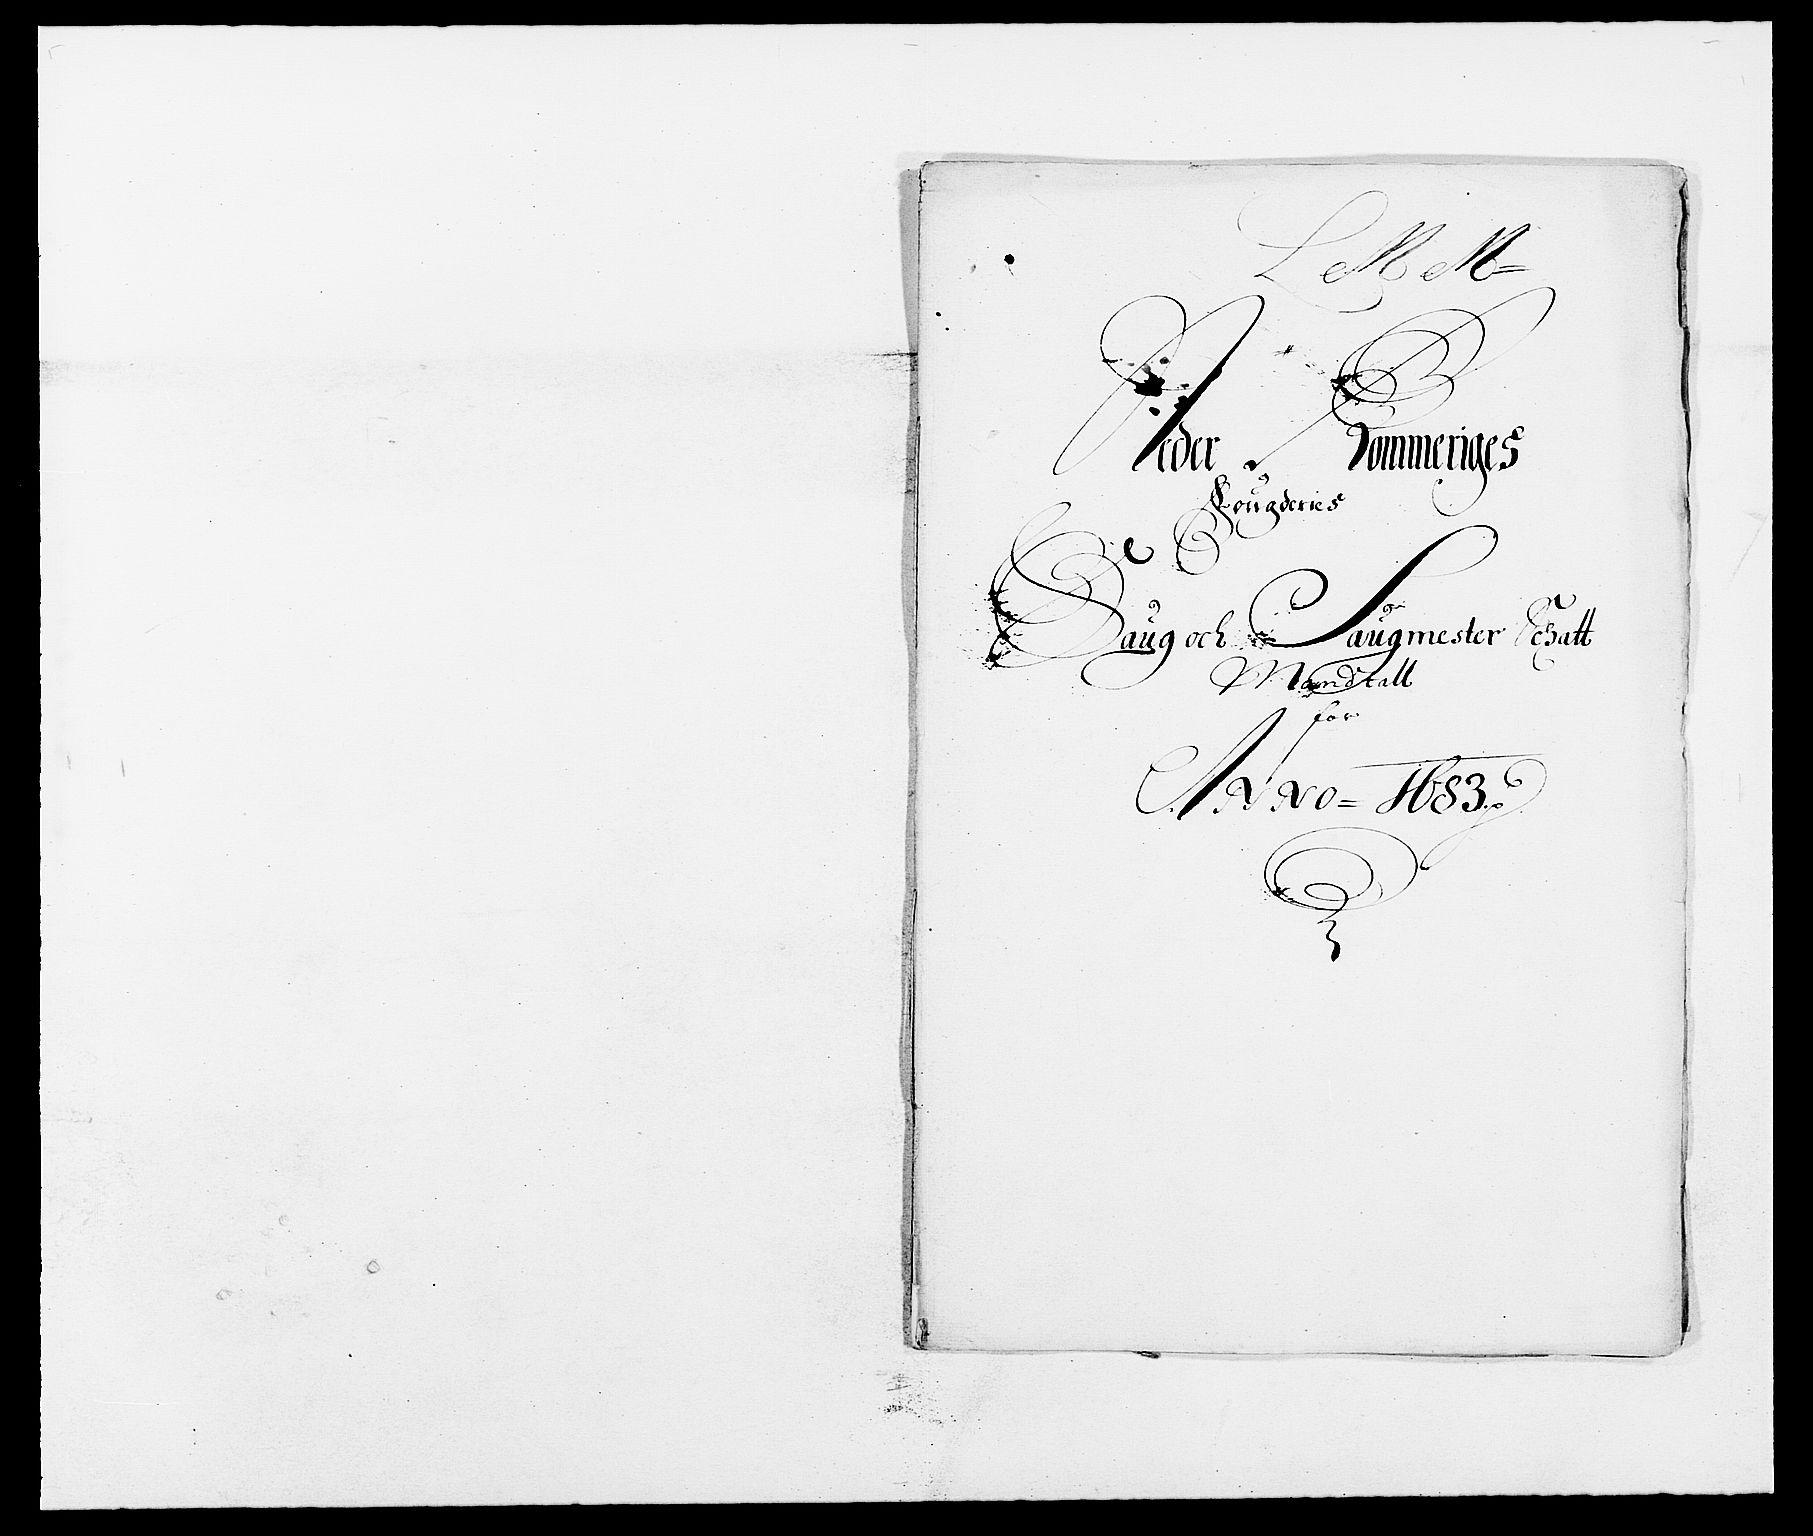 RA, Rentekammeret inntil 1814, Reviderte regnskaper, Fogderegnskap, R11/L0571: Fogderegnskap Nedre Romerike, 1683-1685, s. 75